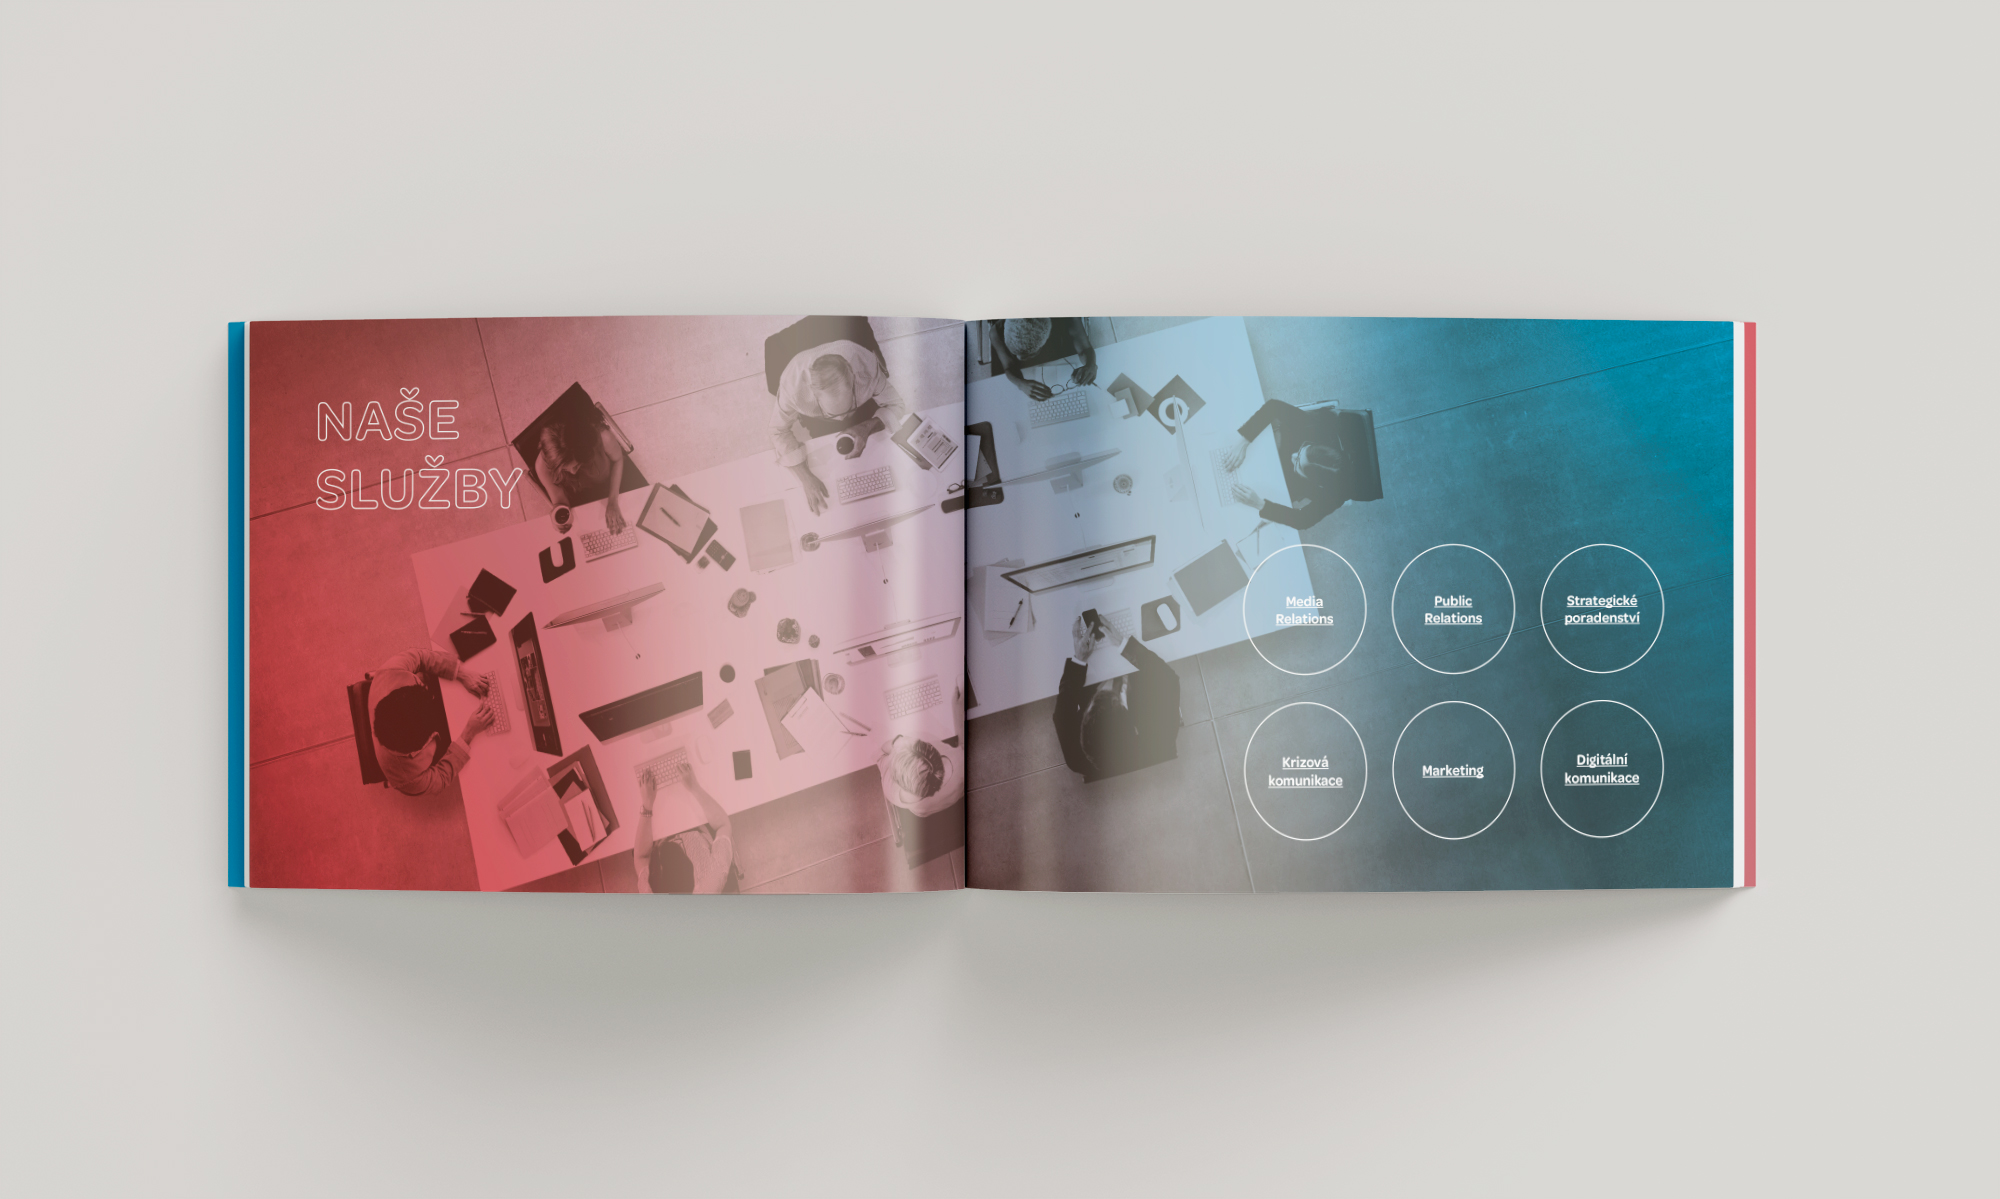 [album/Products_Model_Product/109/PRAM_brozura-Trendy-v-PR-by-PRAM_vnitrni-strany-08_mockup.jpg]